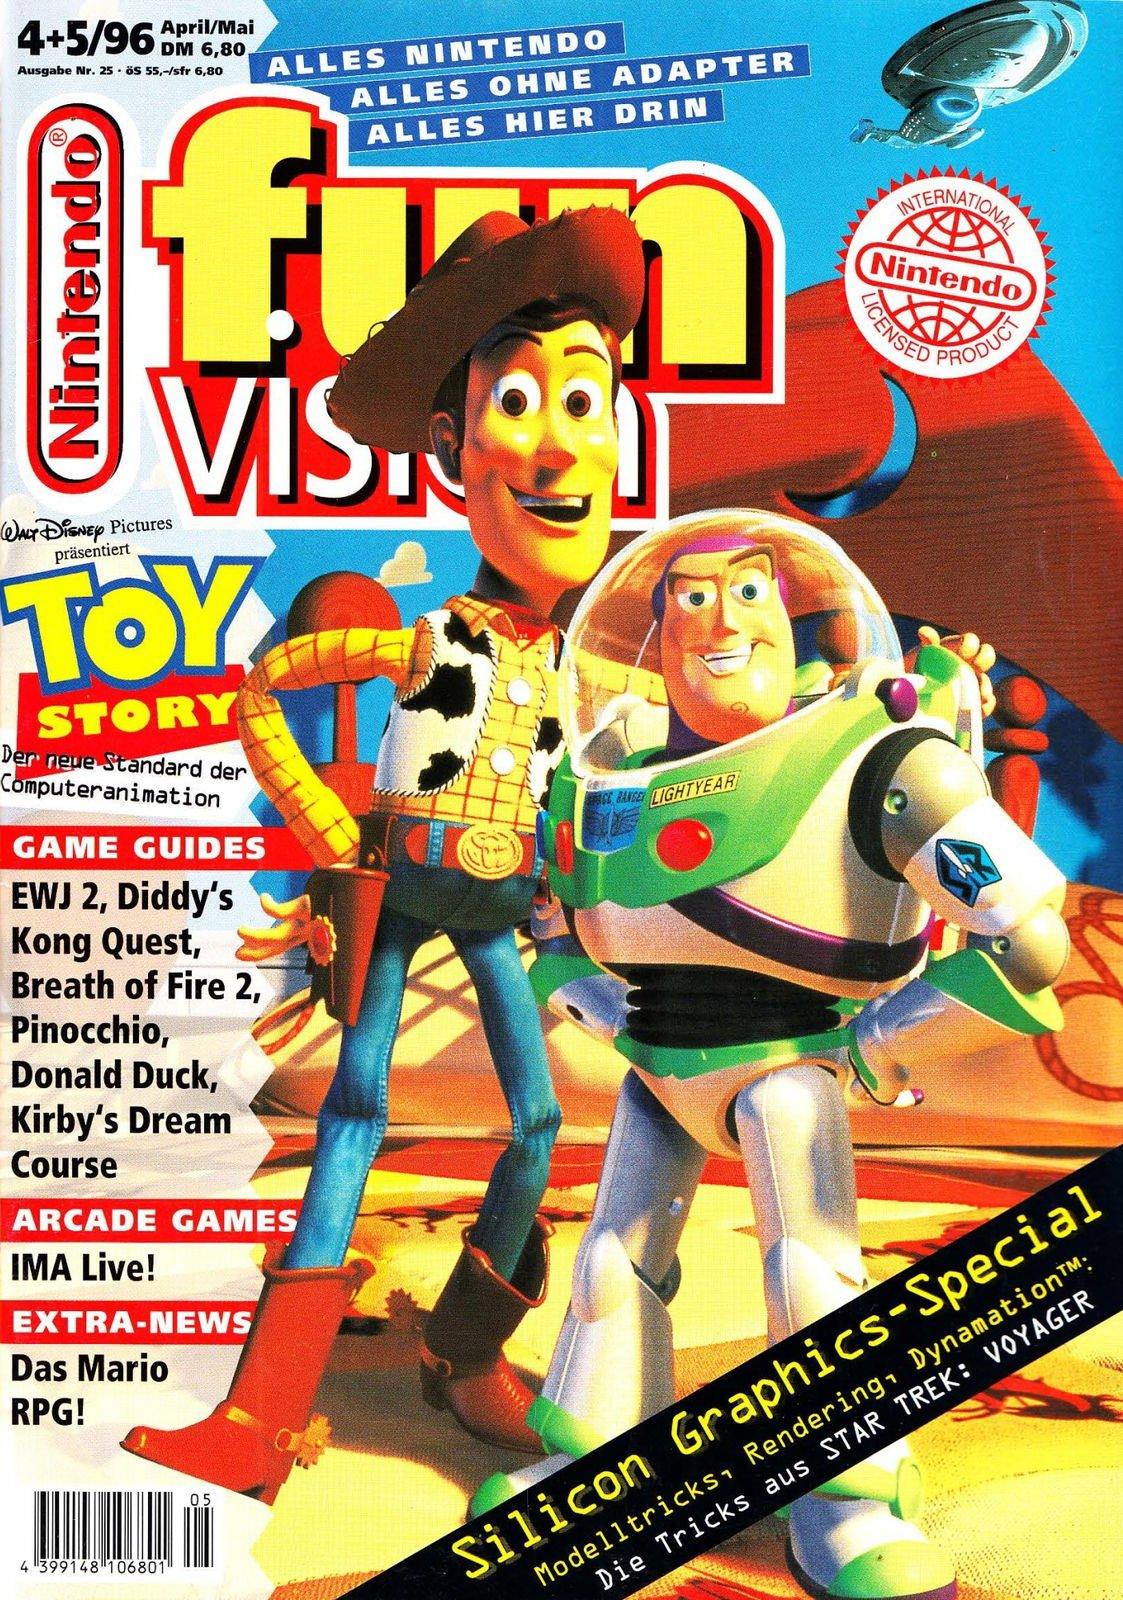 Nintendo Fun Vision Issue 26 (April/May 1996)